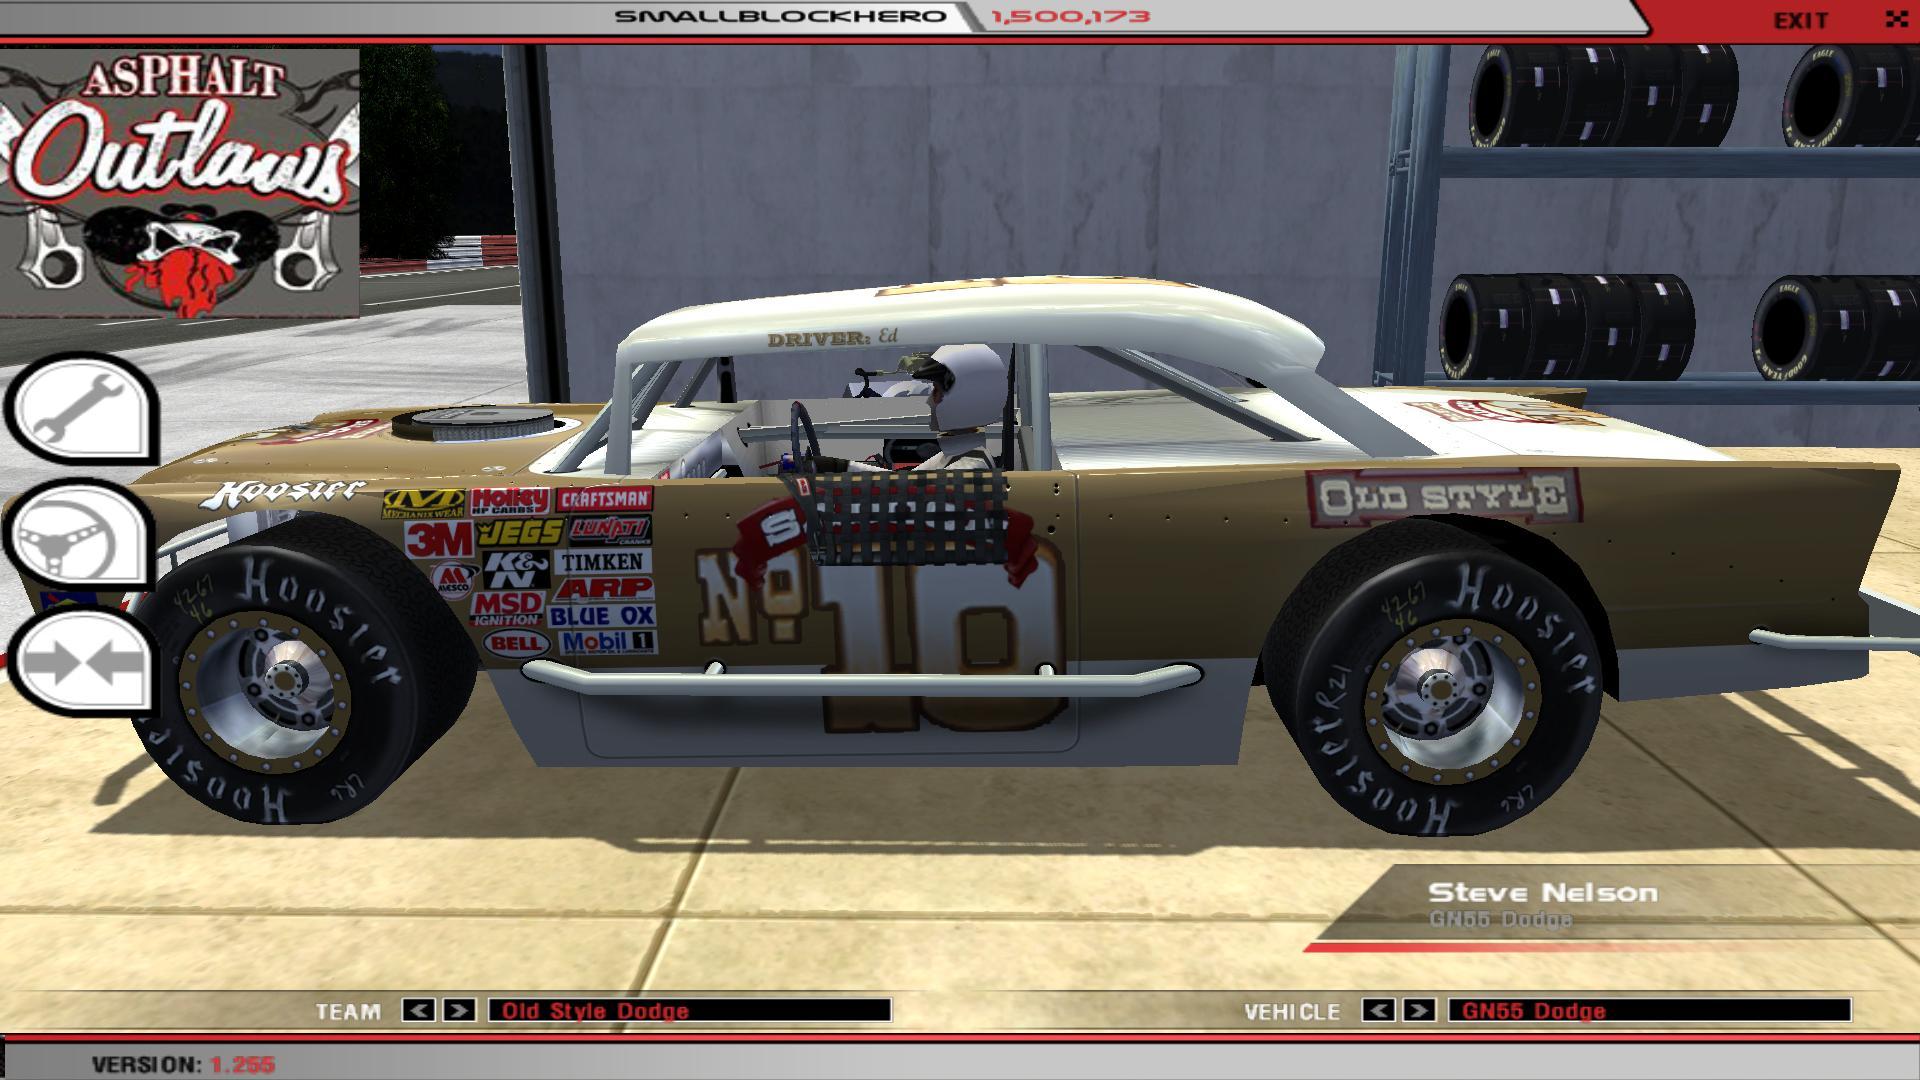 Legends Car Wiring Diagram Automotive Legend Vintage Short Track Stock Cars Circuit Maker Race